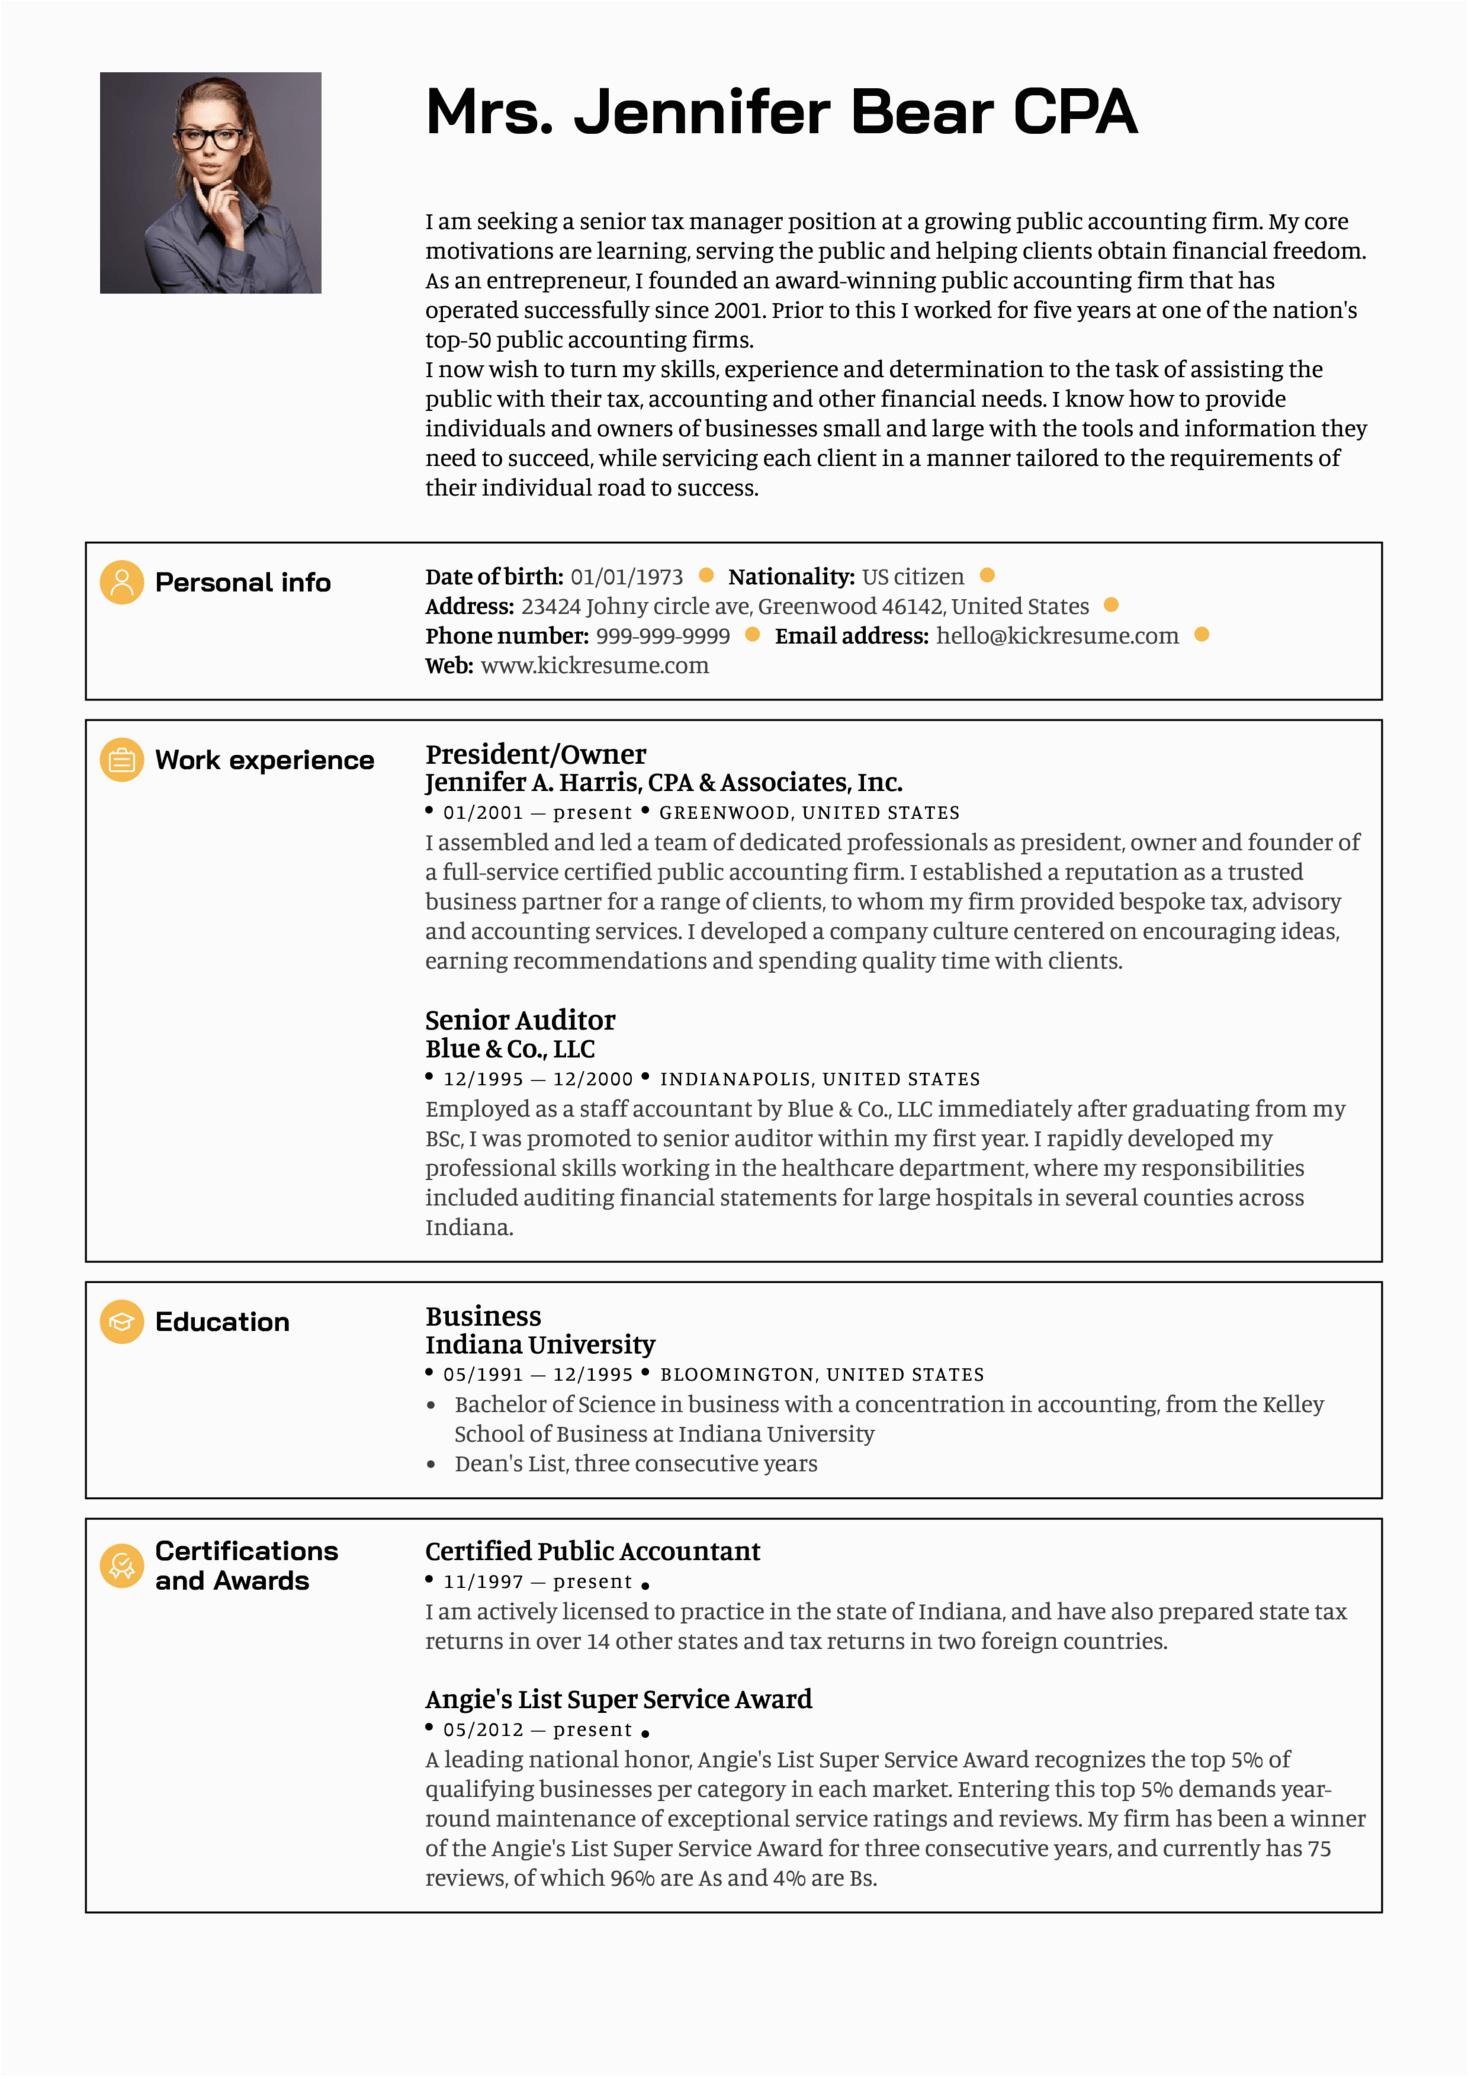 Sample Resume for Senior Management Position Senior Manager Resume Sample